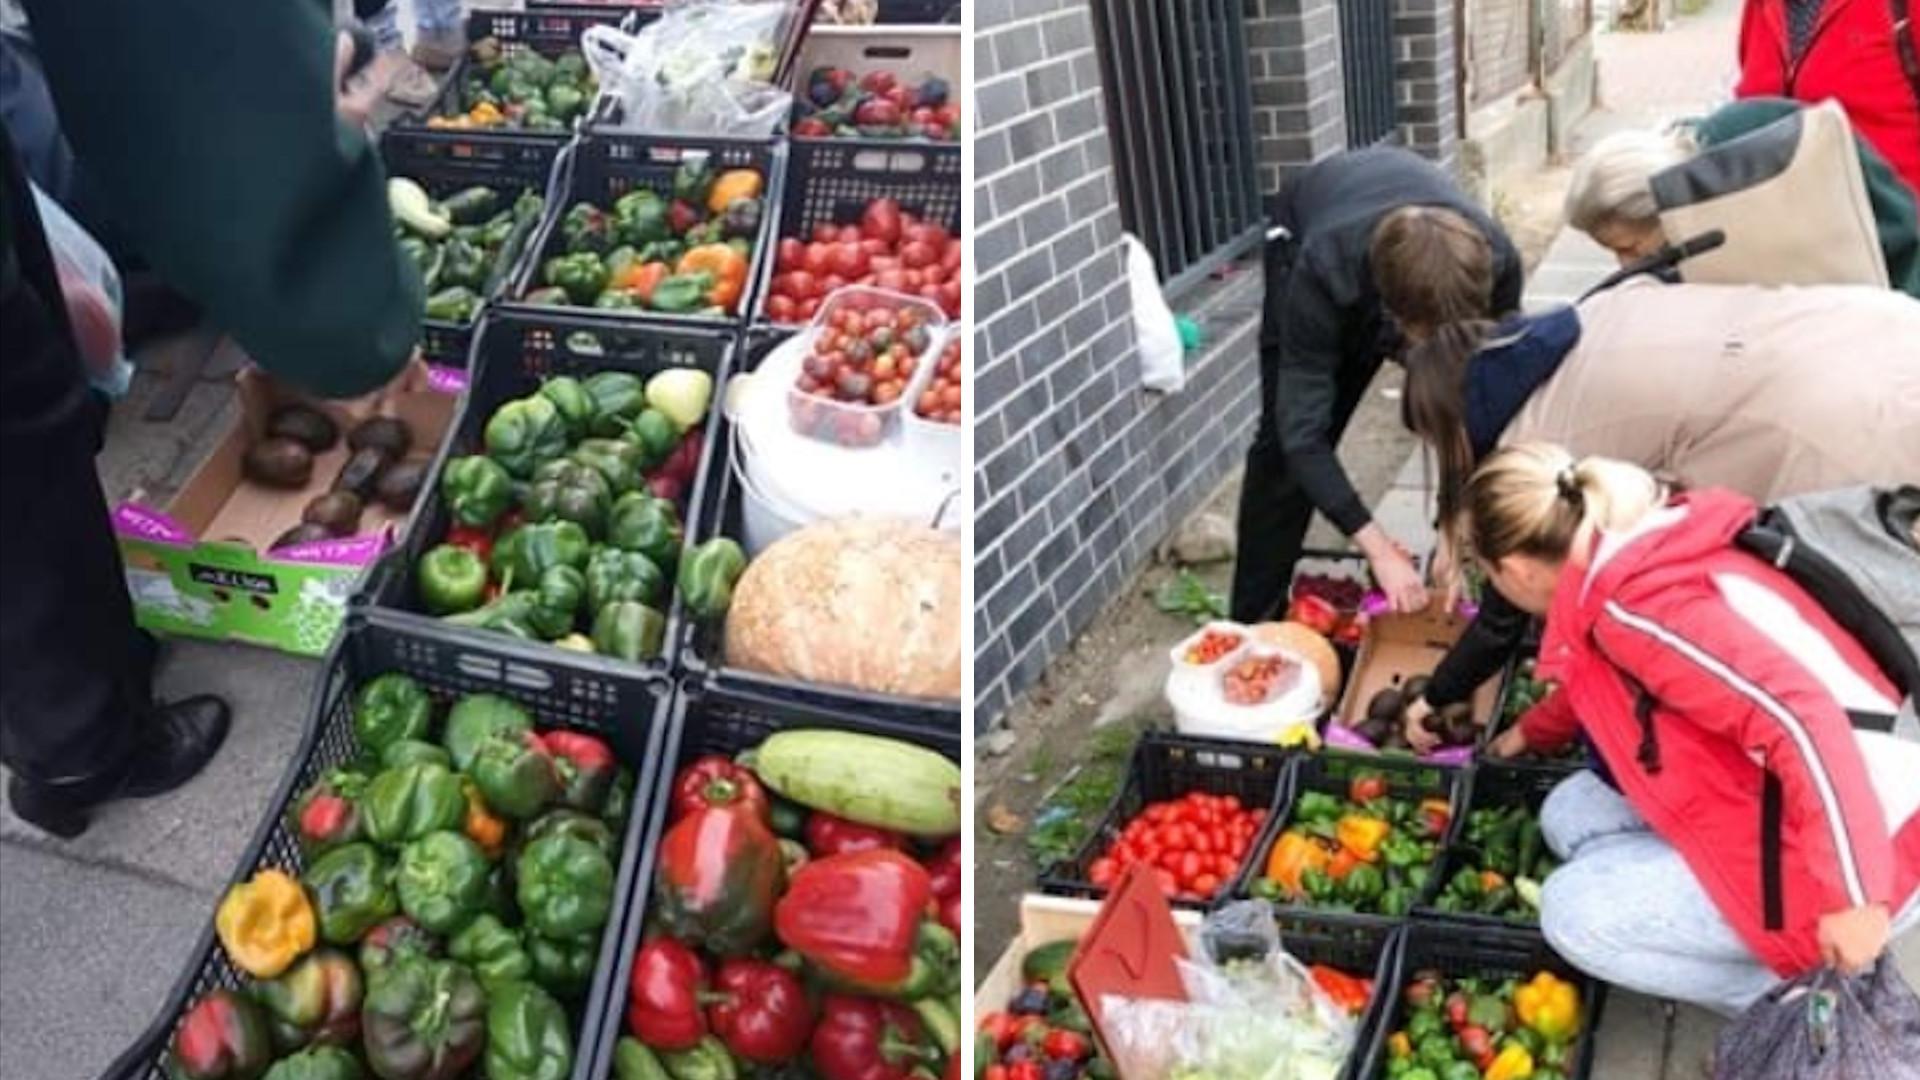 Wspaniała inicjatywa! Będziecie mogli zdobyć owoce i warzywa zupełnie ZA DARMO